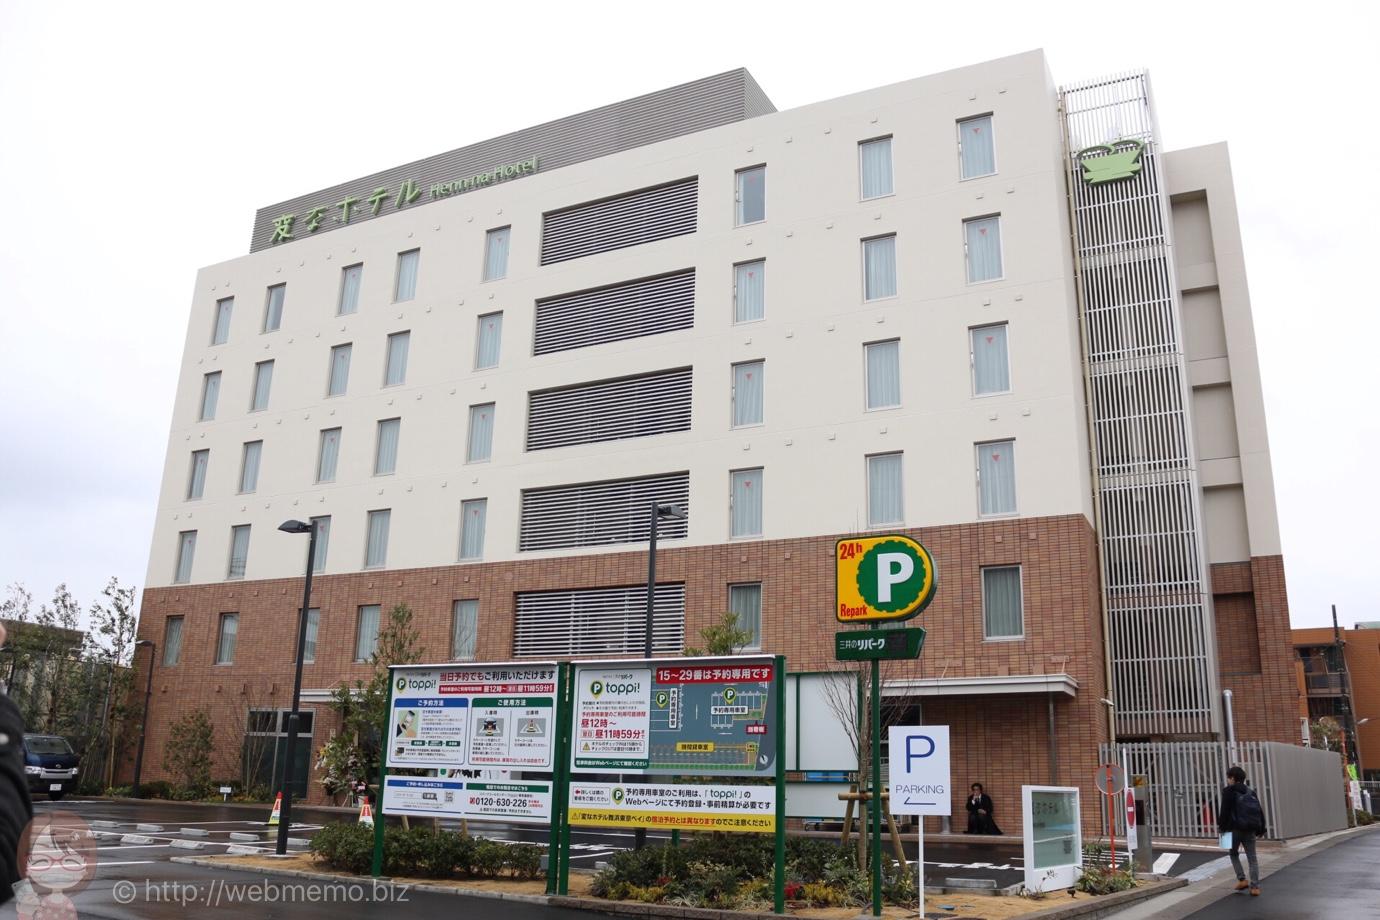 Å] 変なホテル舞浜がオープン!ディズニー前泊にも面白いエンタメ要素